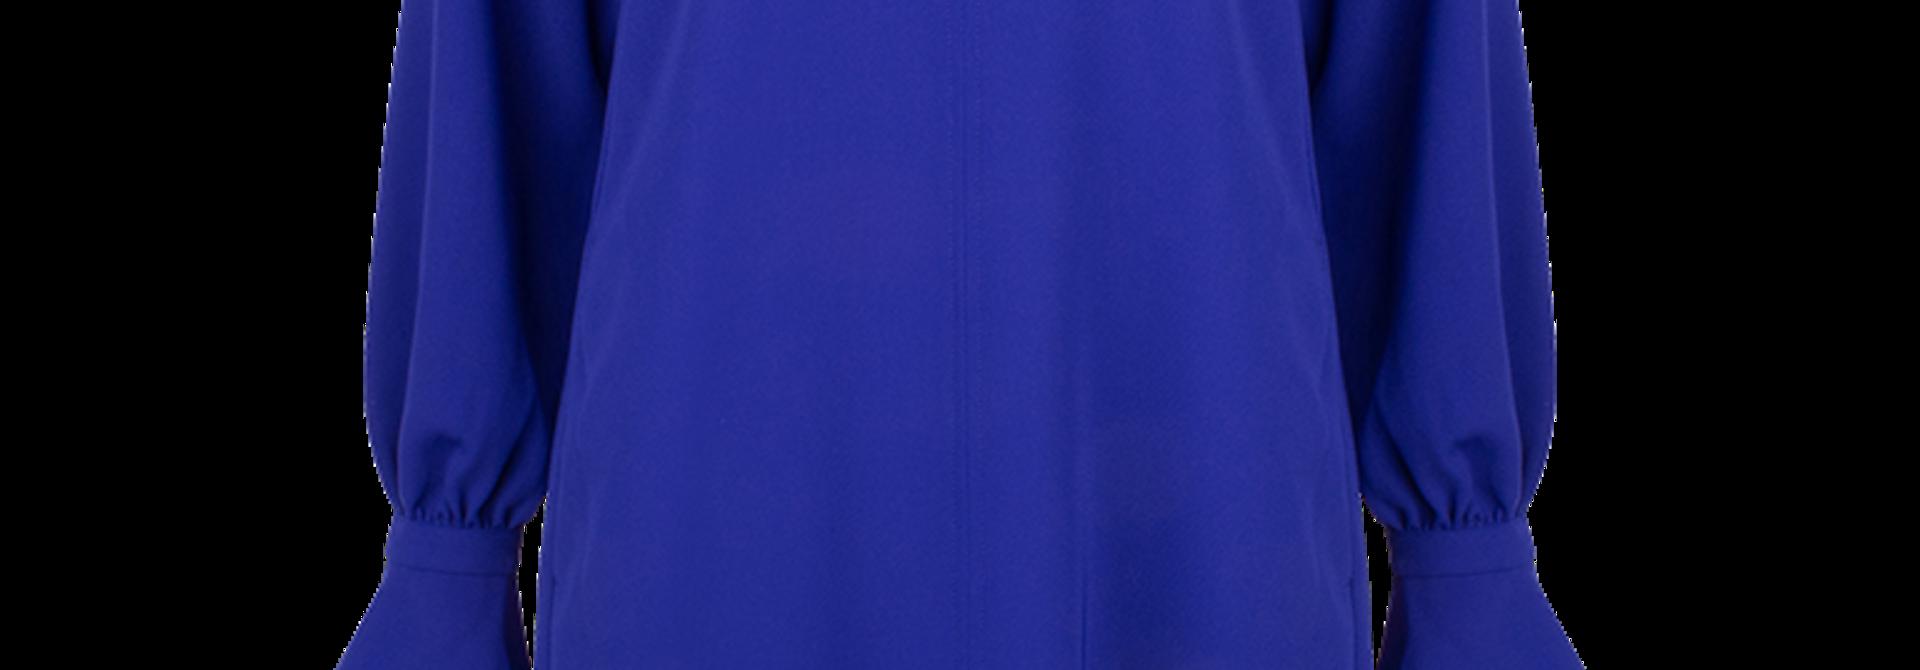 Celsha high collar dress